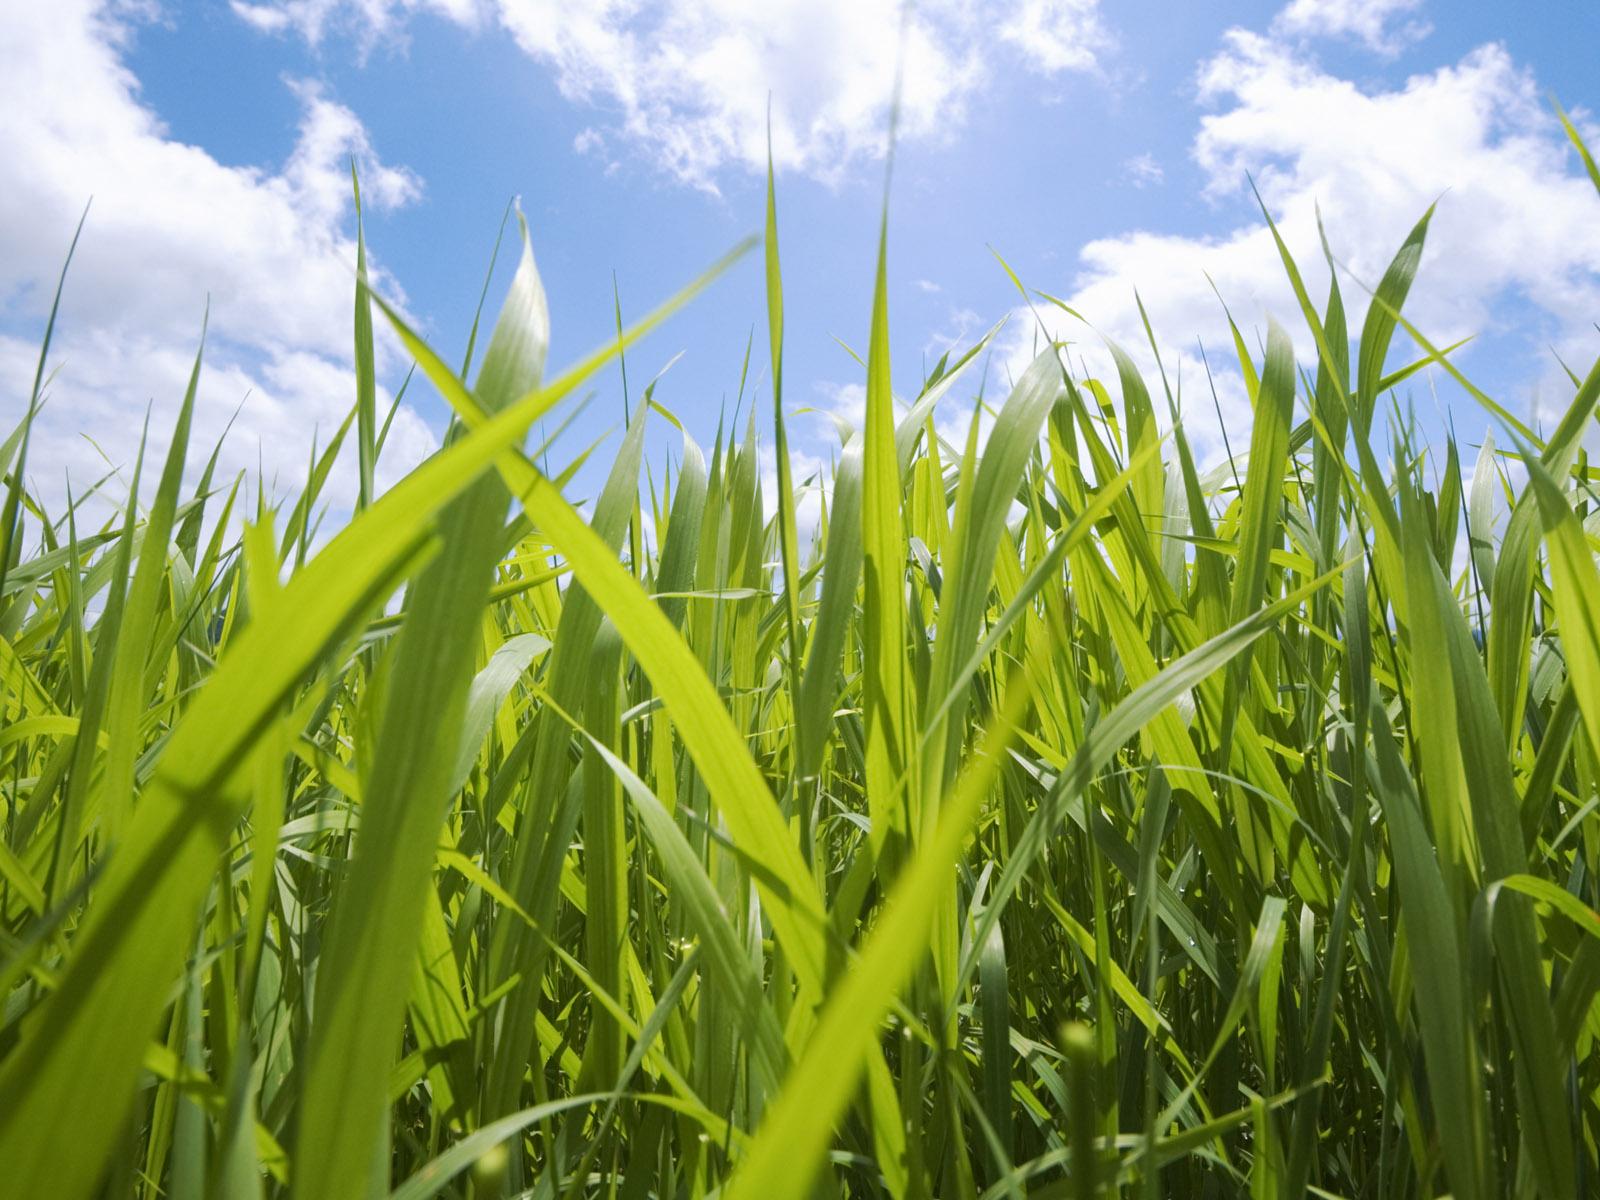 Grass Sky Wallpapers   Free Download Wallpaper   DaWallpaperz